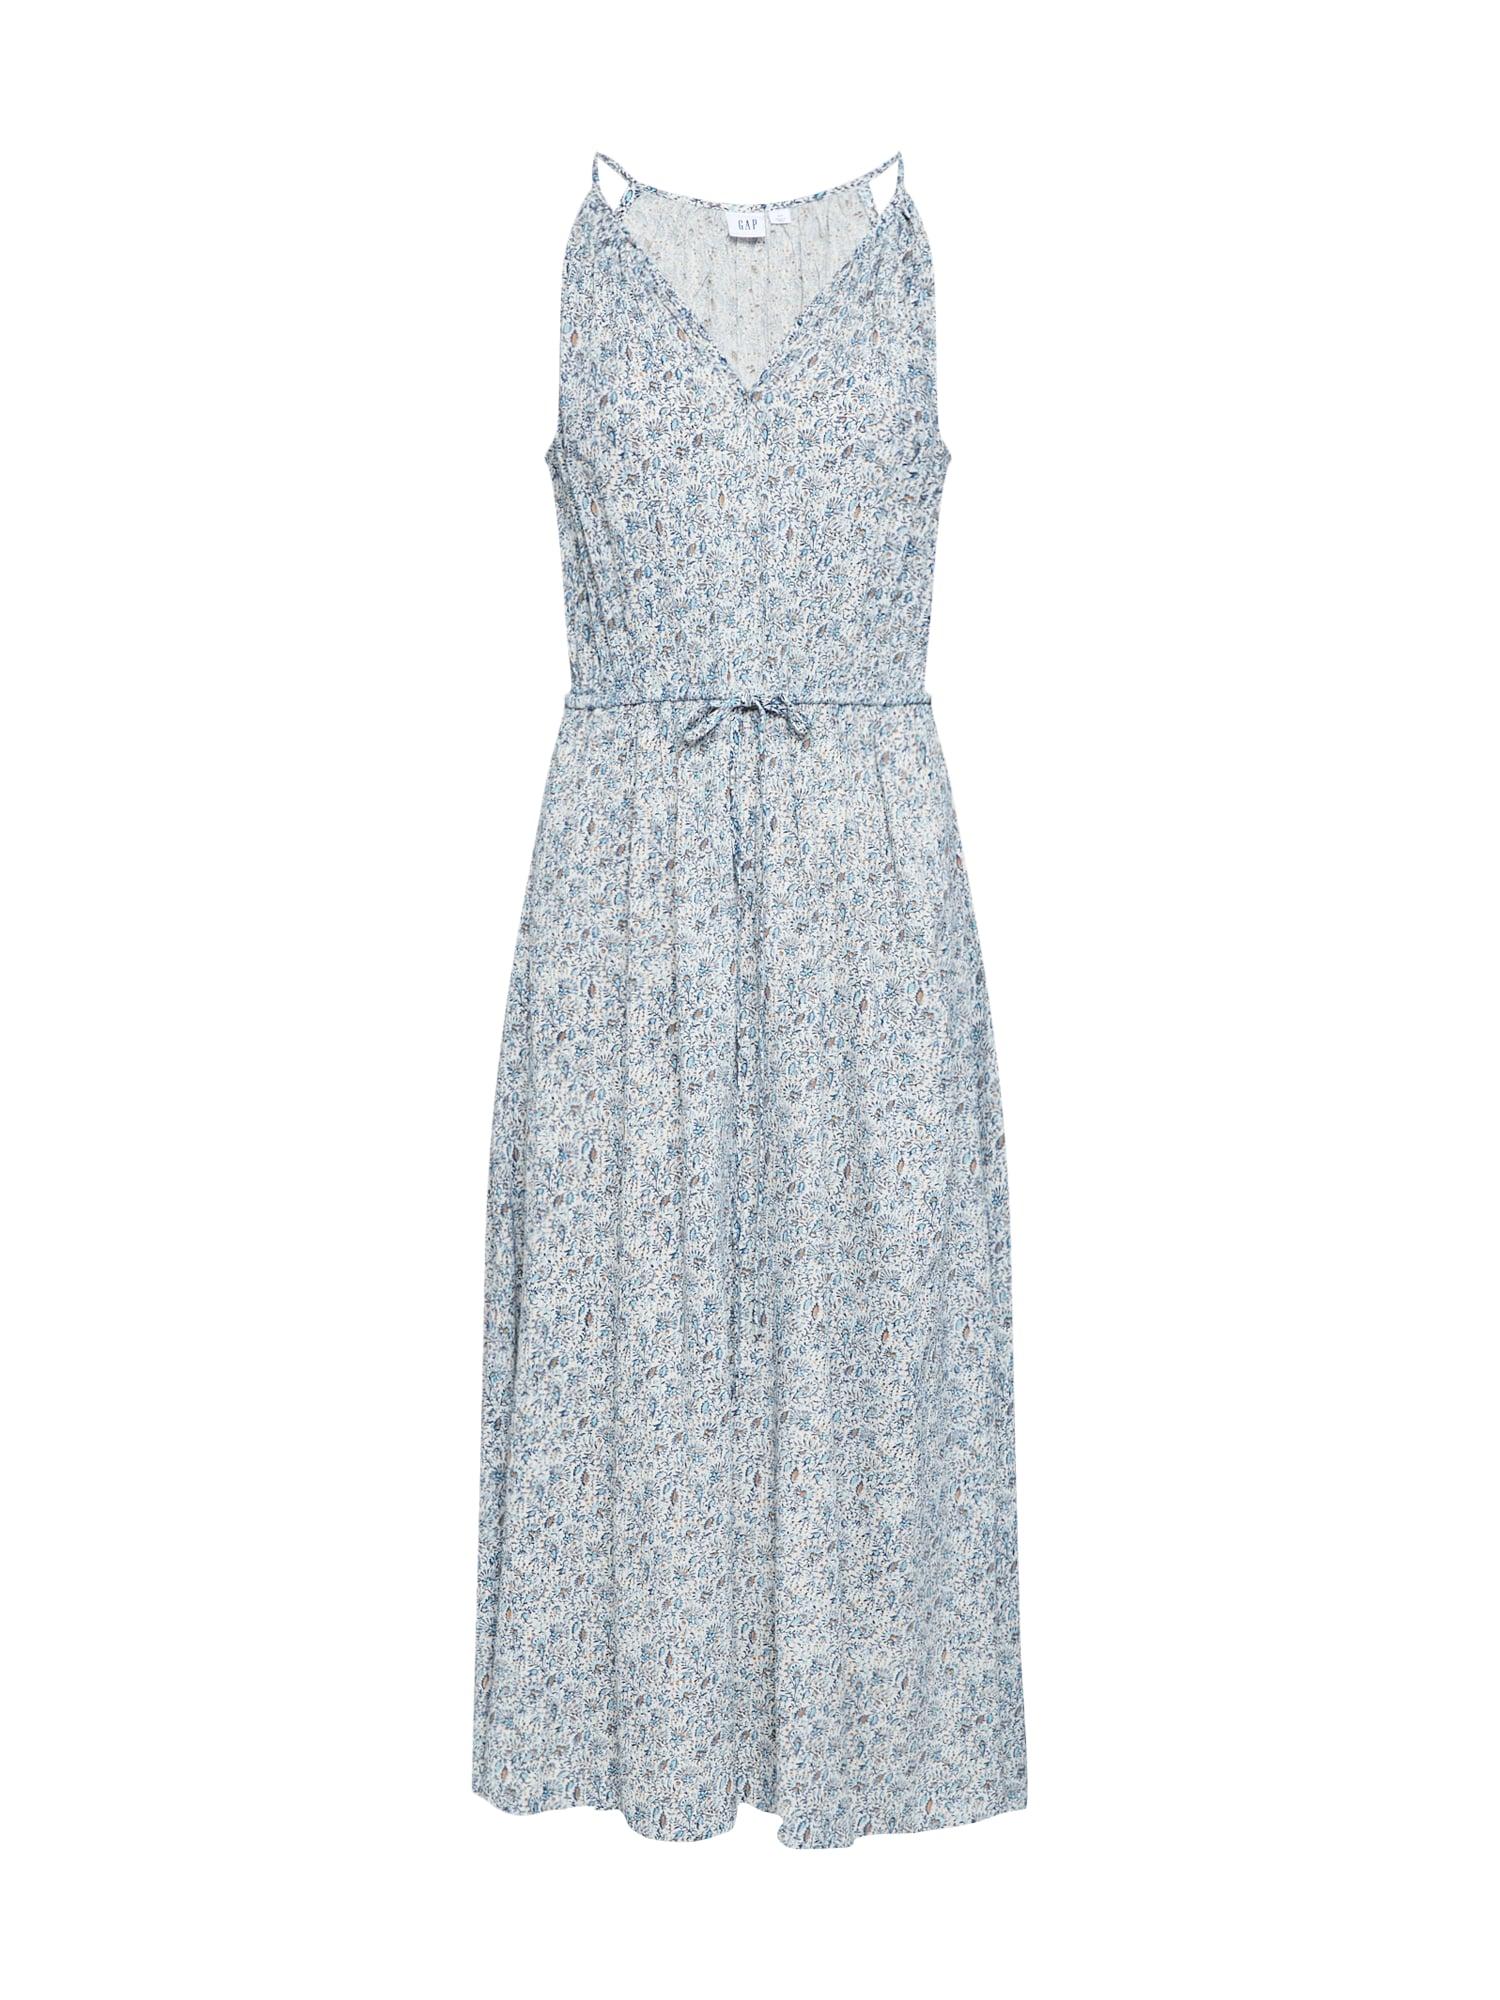 GAP Vasarinė suknelė 'HALTER DRESS' mėlyna / mišrios spalvos